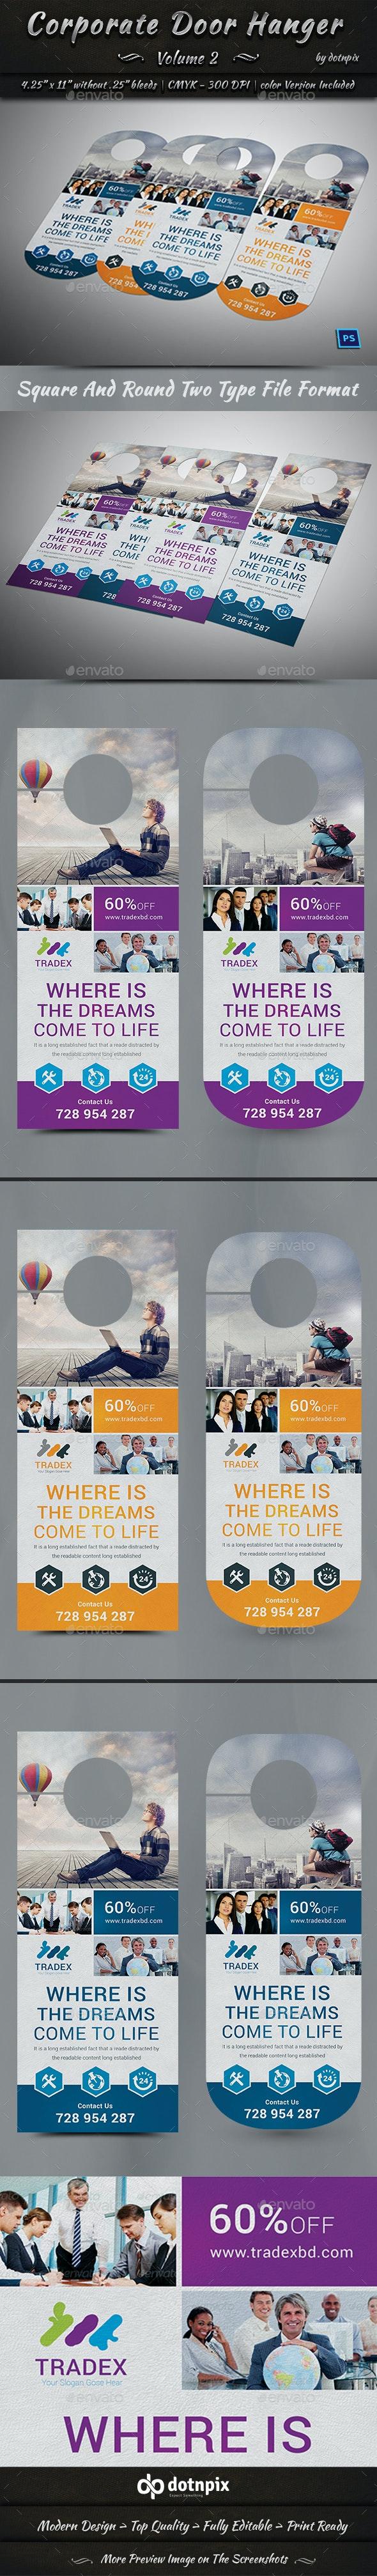 Corporate Door Hanger - V2 - Miscellaneous Print Templates